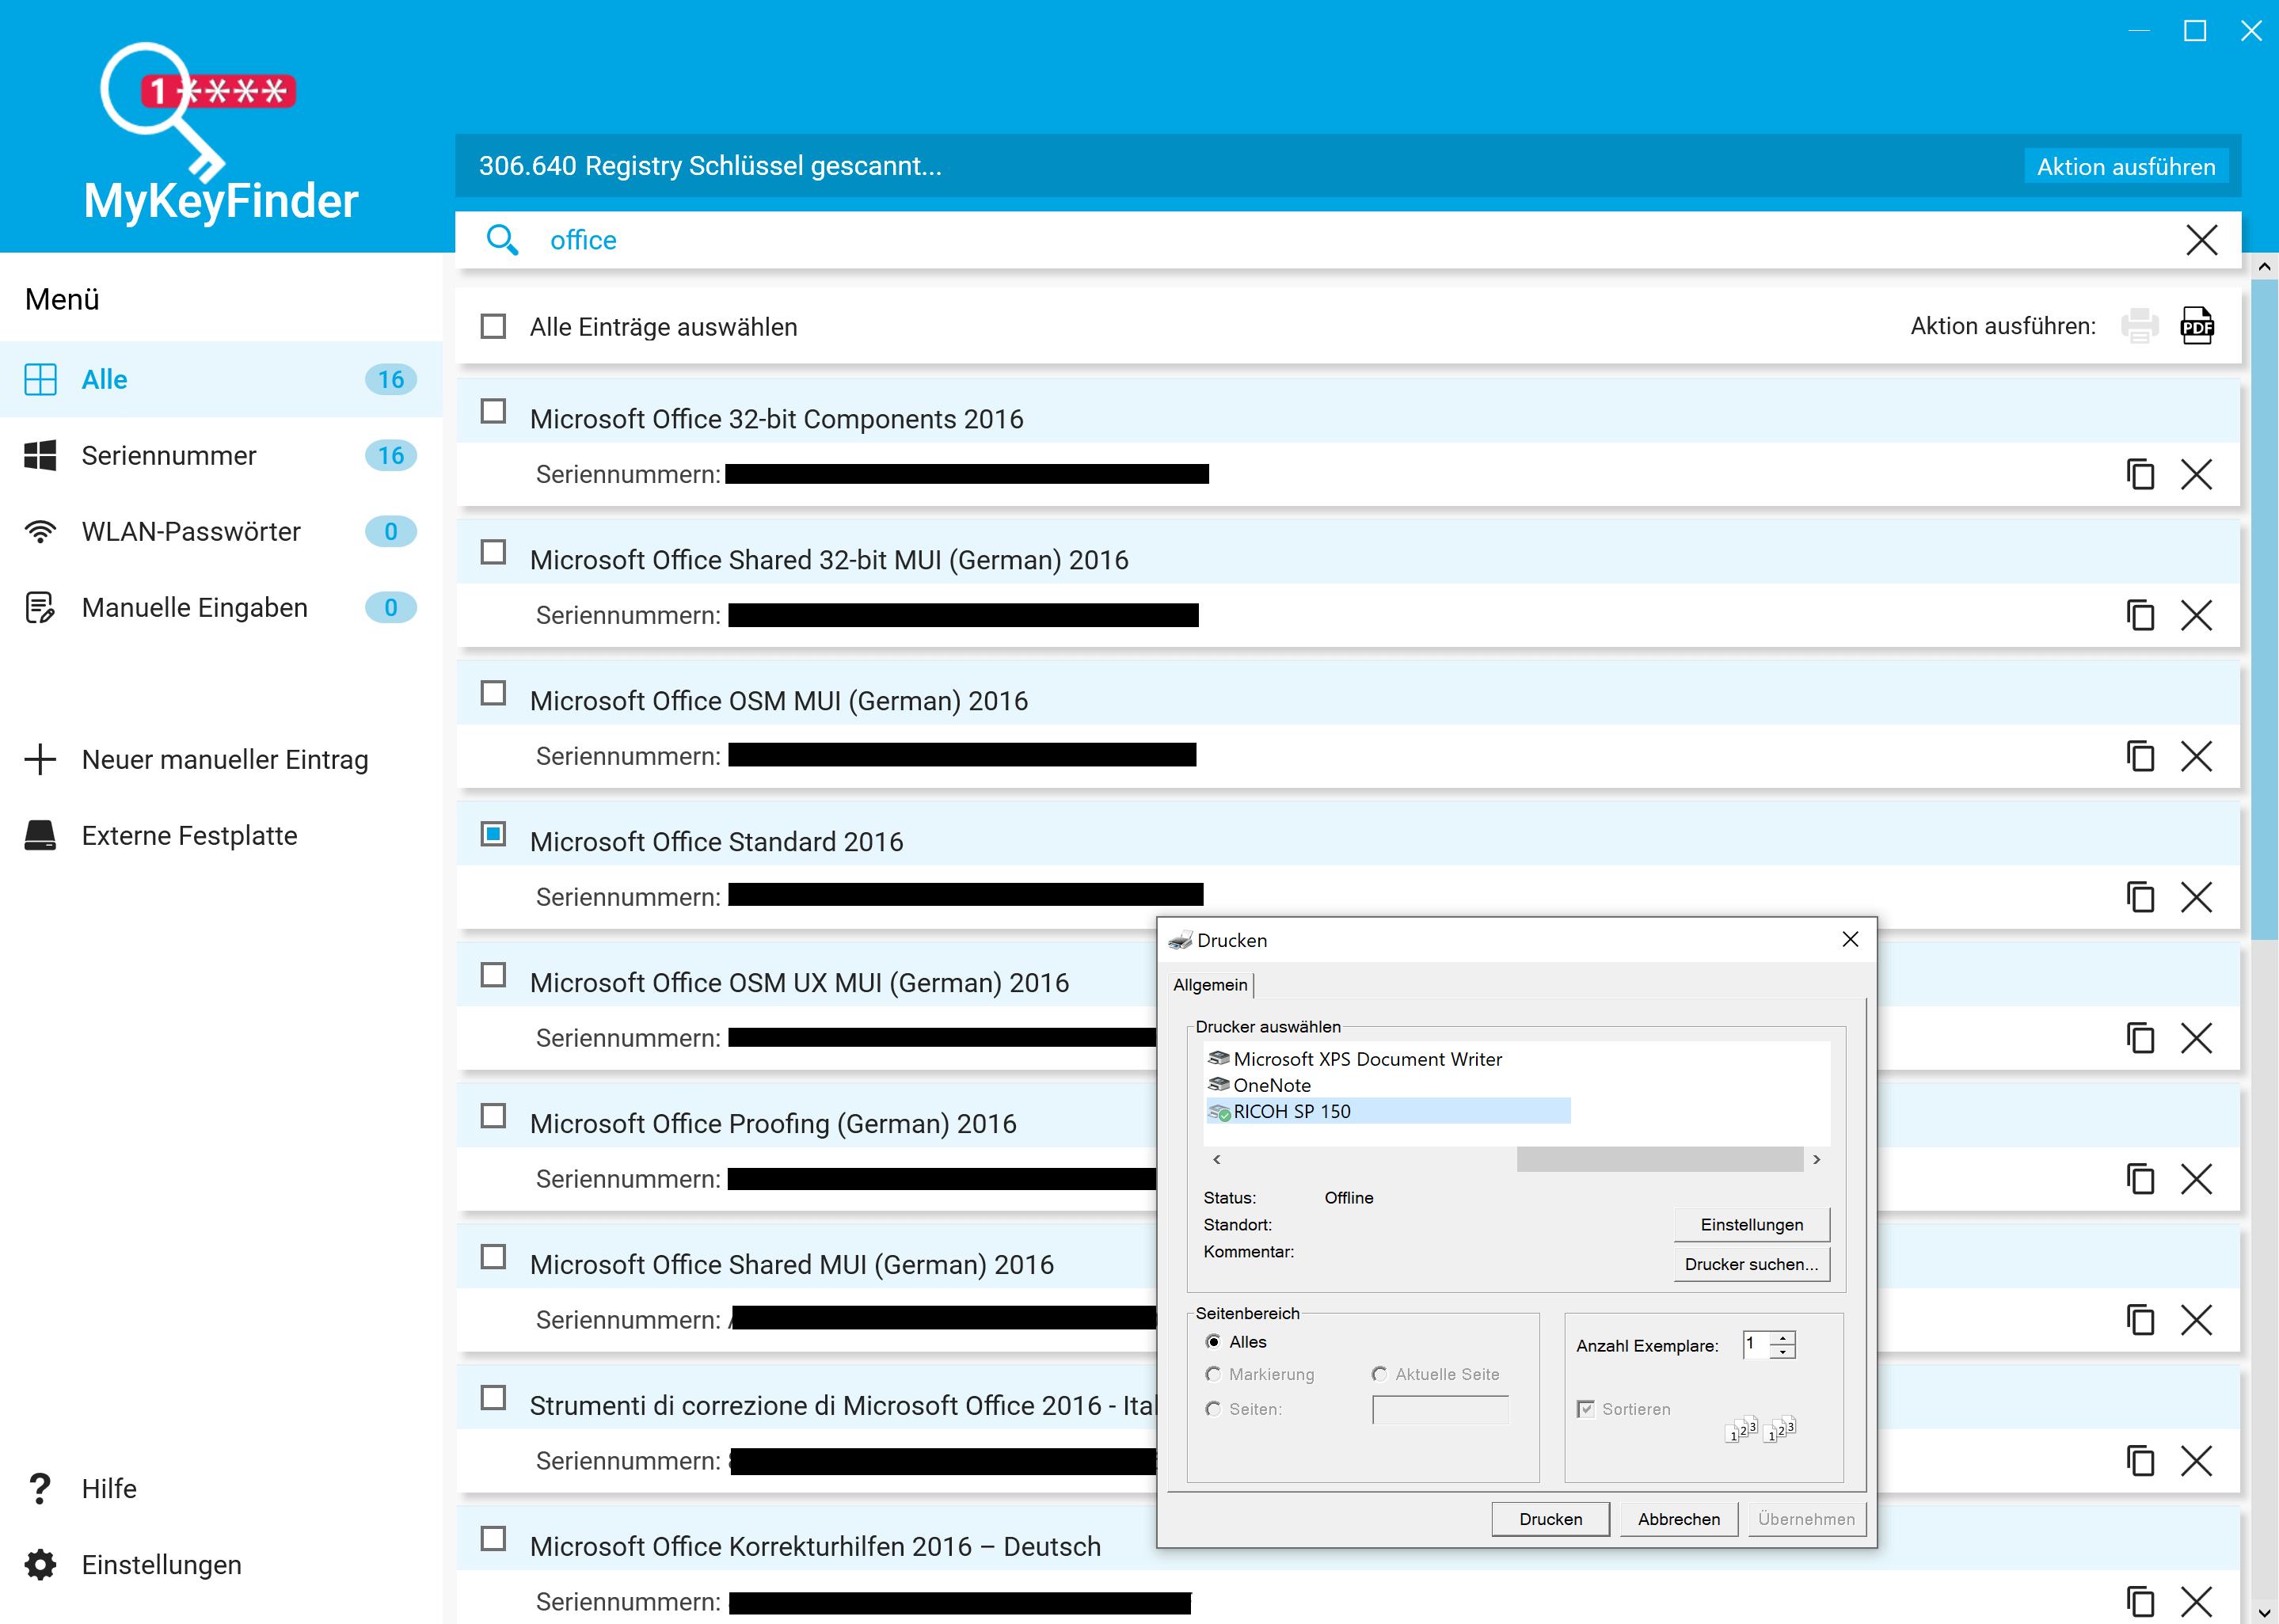 Office Product Key herausfinden und auslesen - Gefundenen Key exportieren